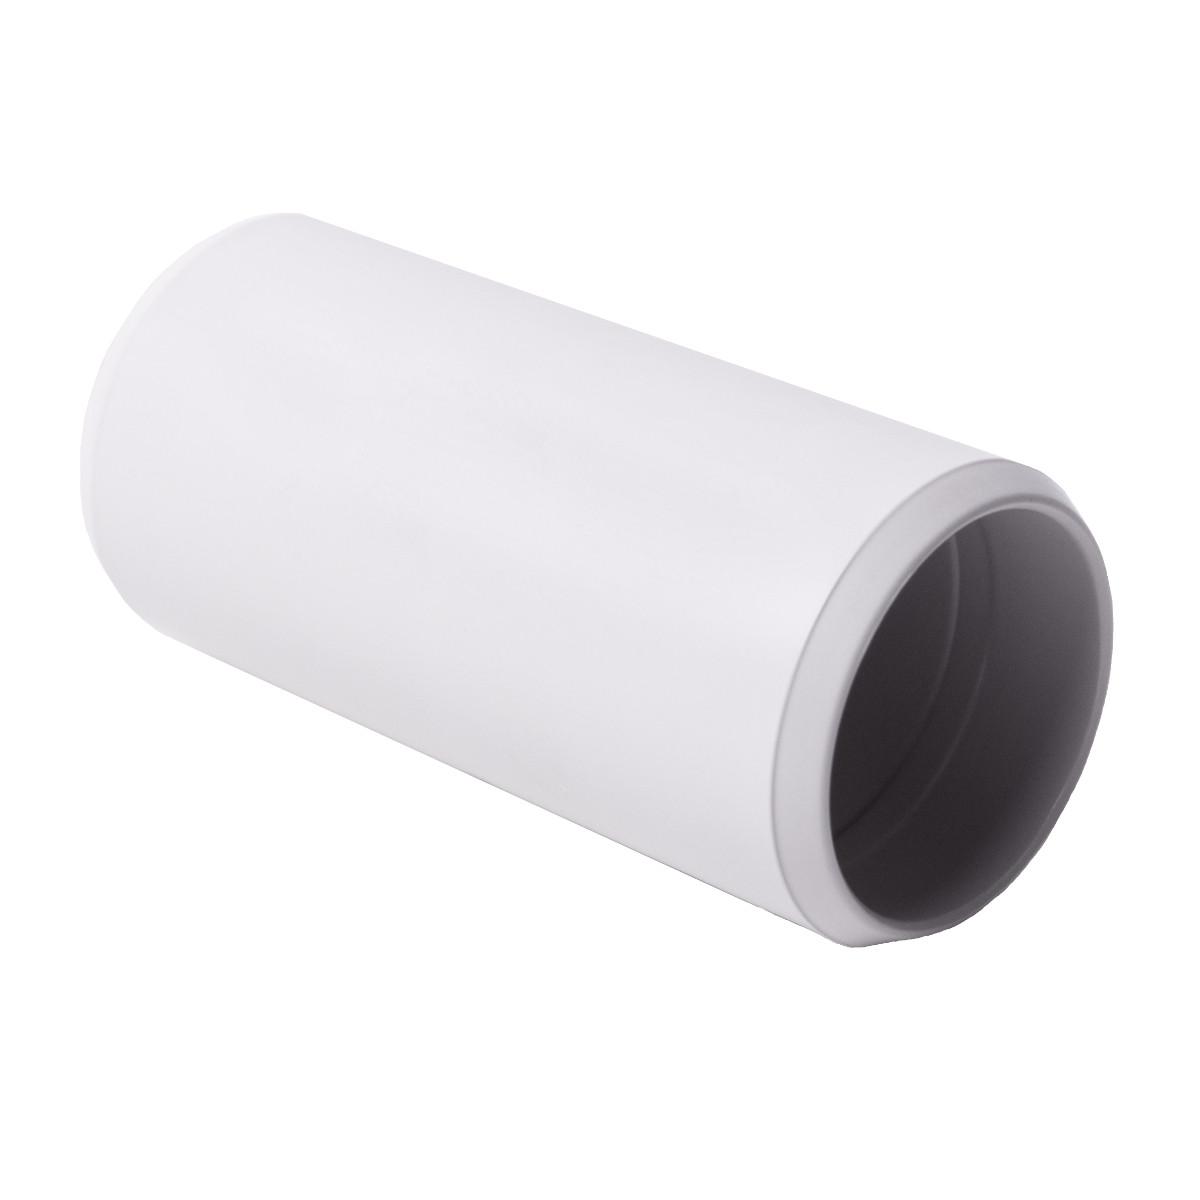 Муфта з'єднувальна для труби 20 мм ; Ø20мм; полікарбонат; безгалогенна; t застосування -45-90 °с; світло-сіра; Упаковка 10 шт